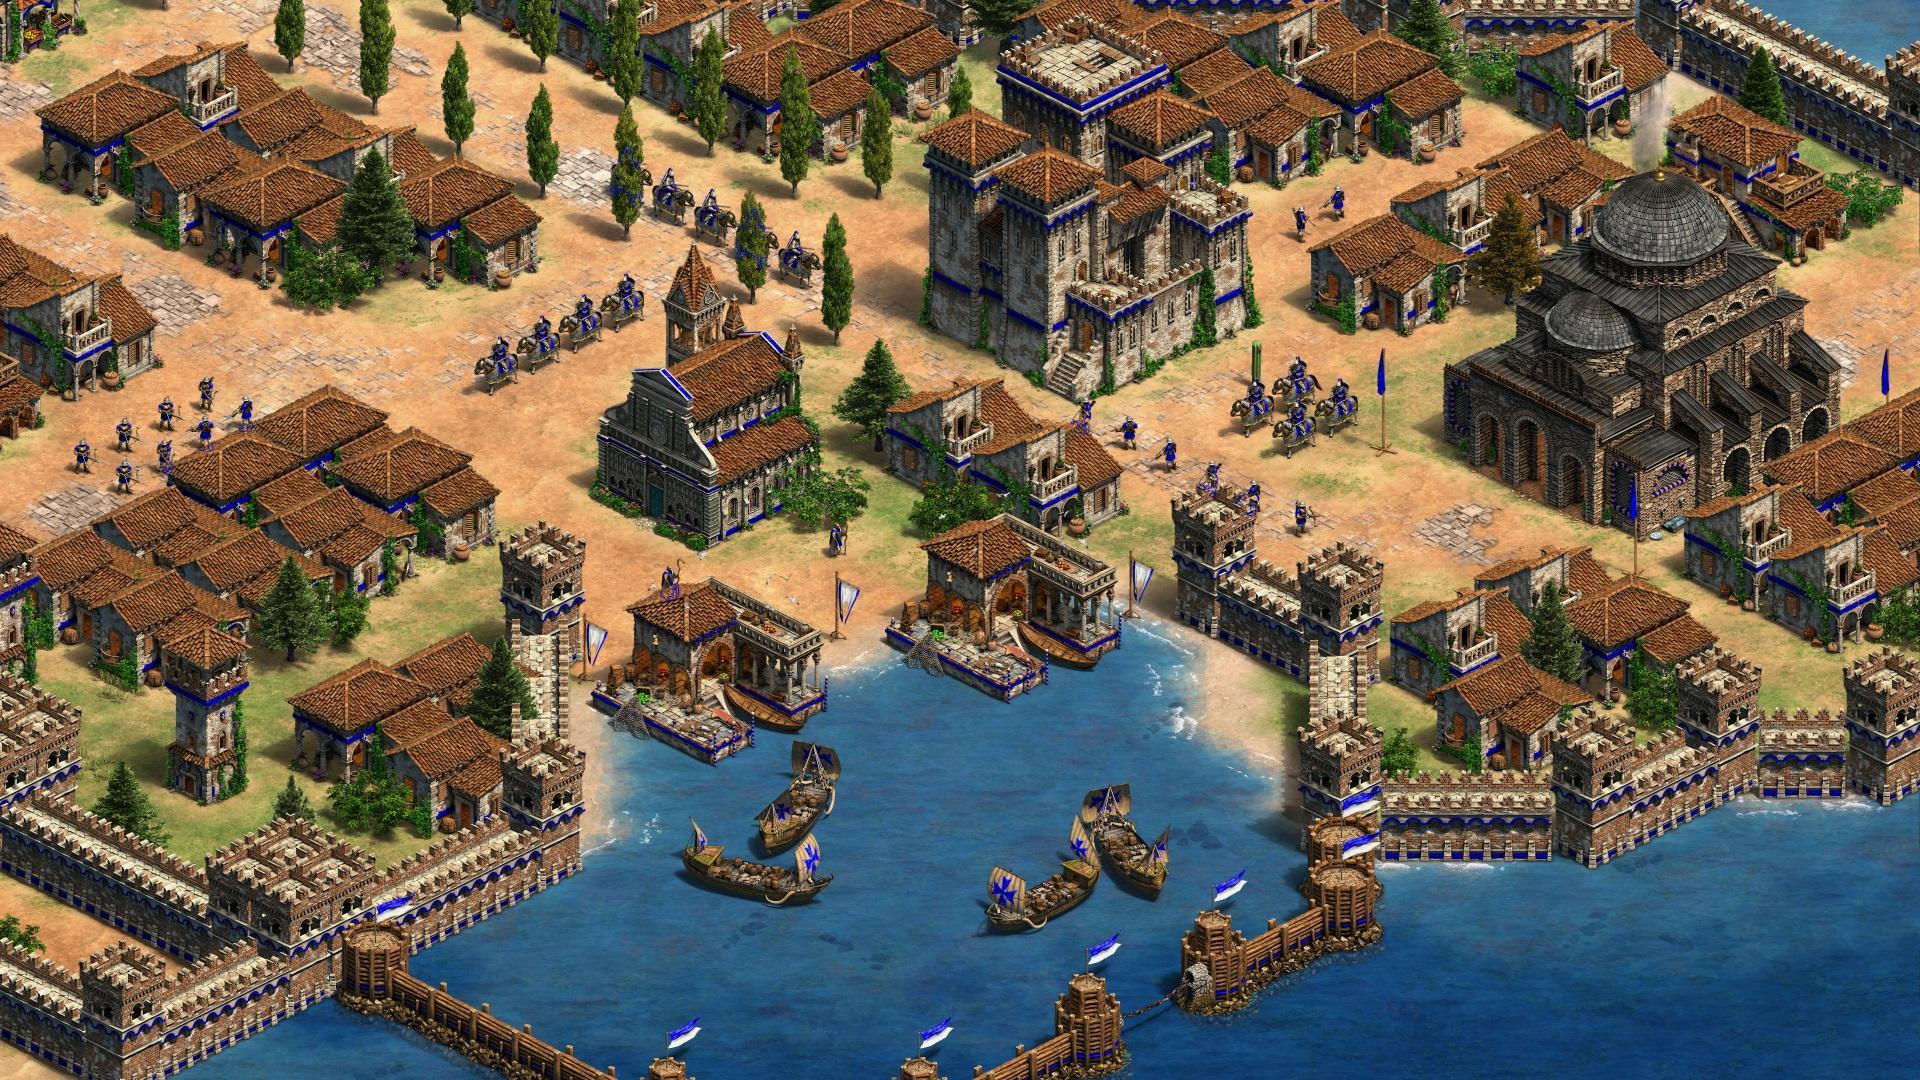 军事资讯_《帝国时代2:最终版》正式发布 Steam先行试玩_凤凰网游戏